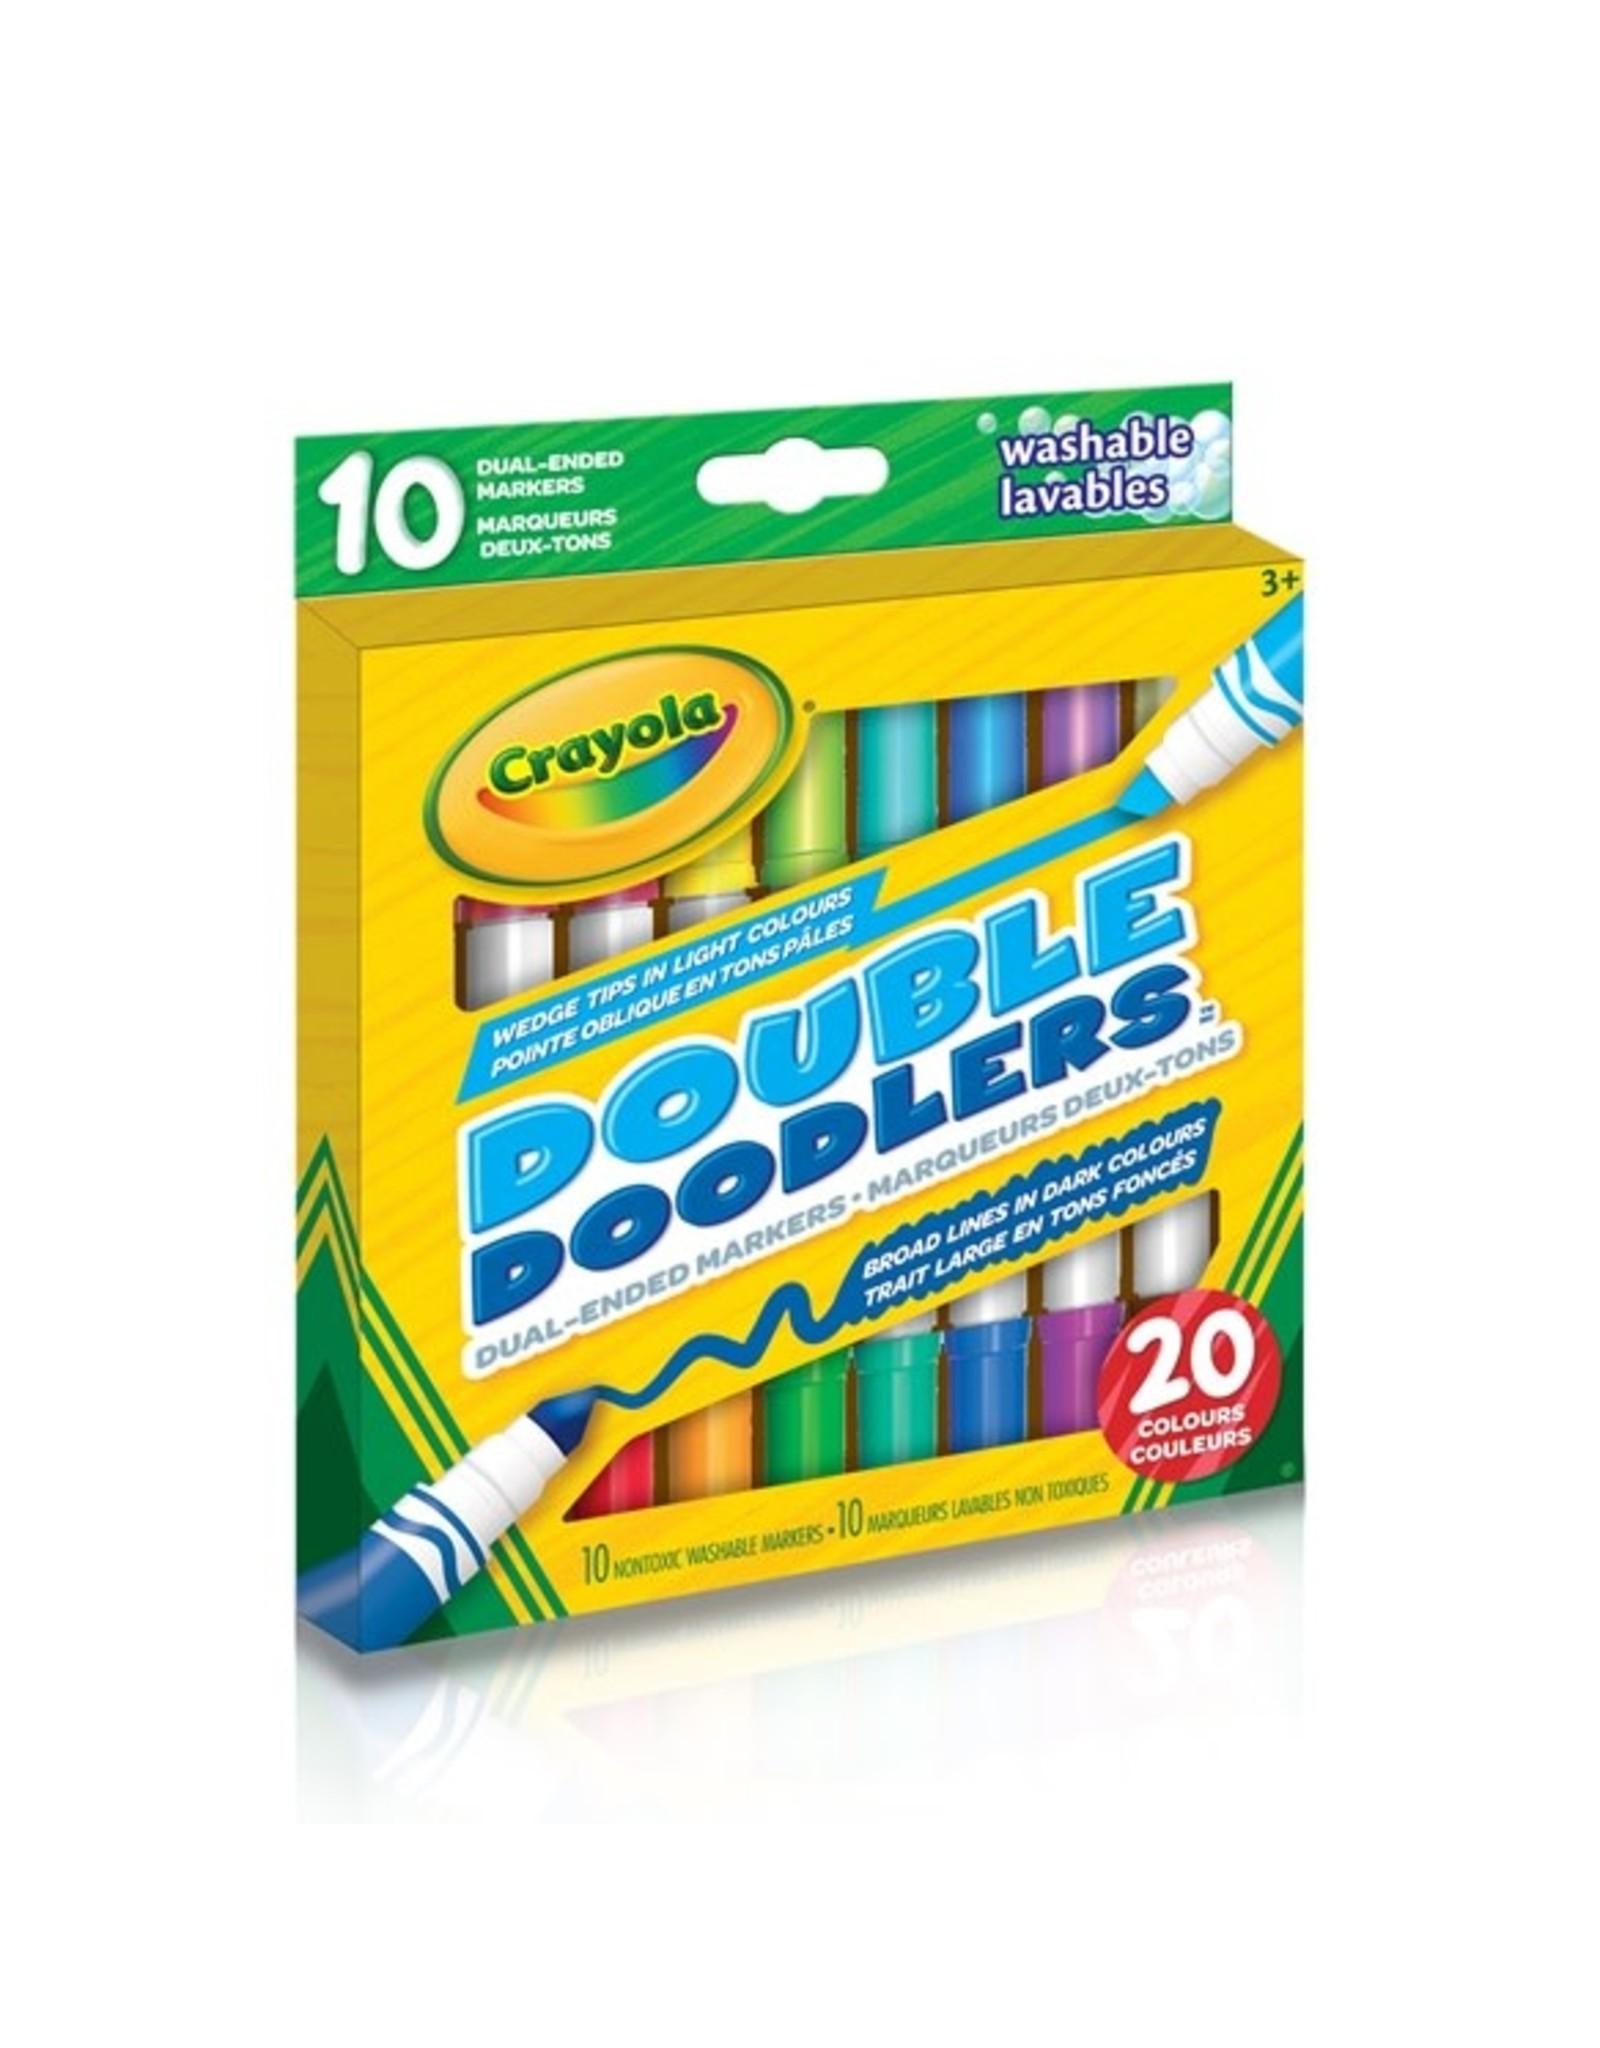 Crayola Double Doodler Markers - 10 piece